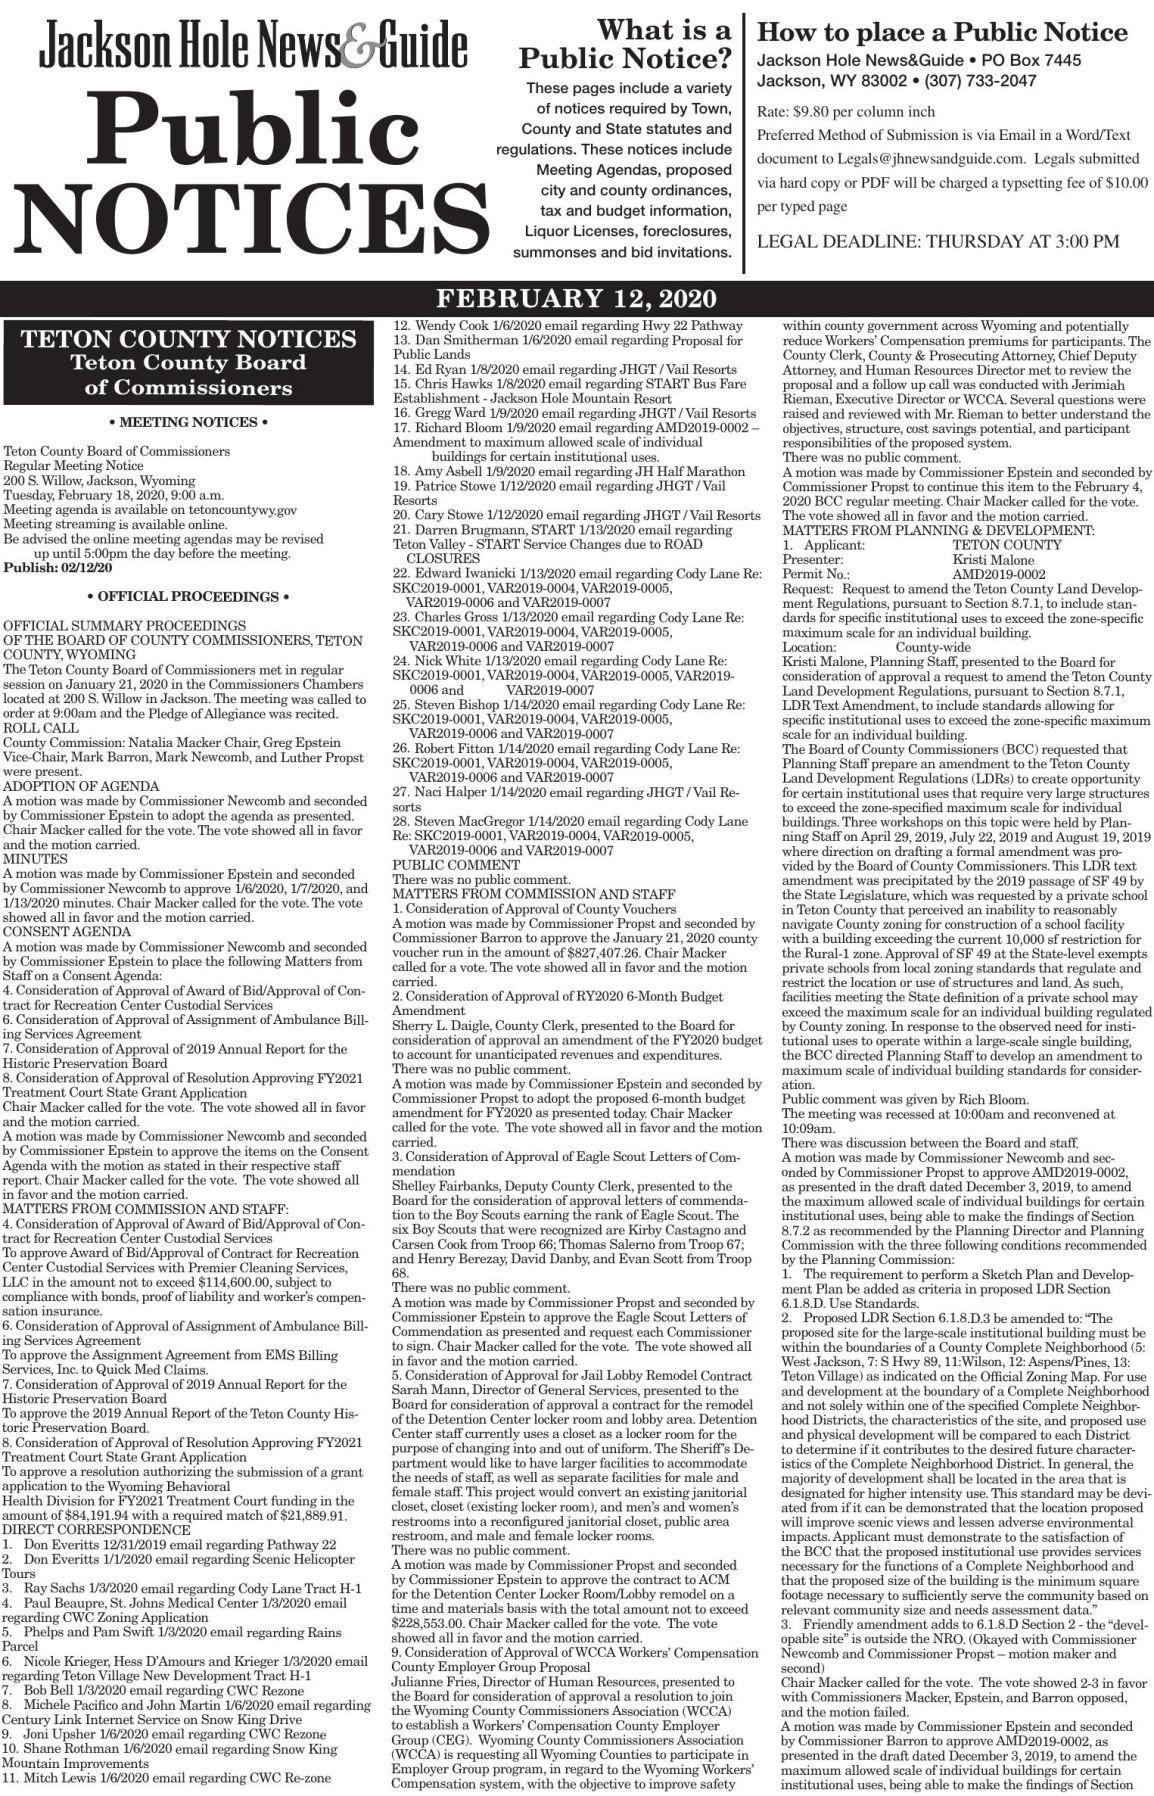 Public Notices, February 12, 2020